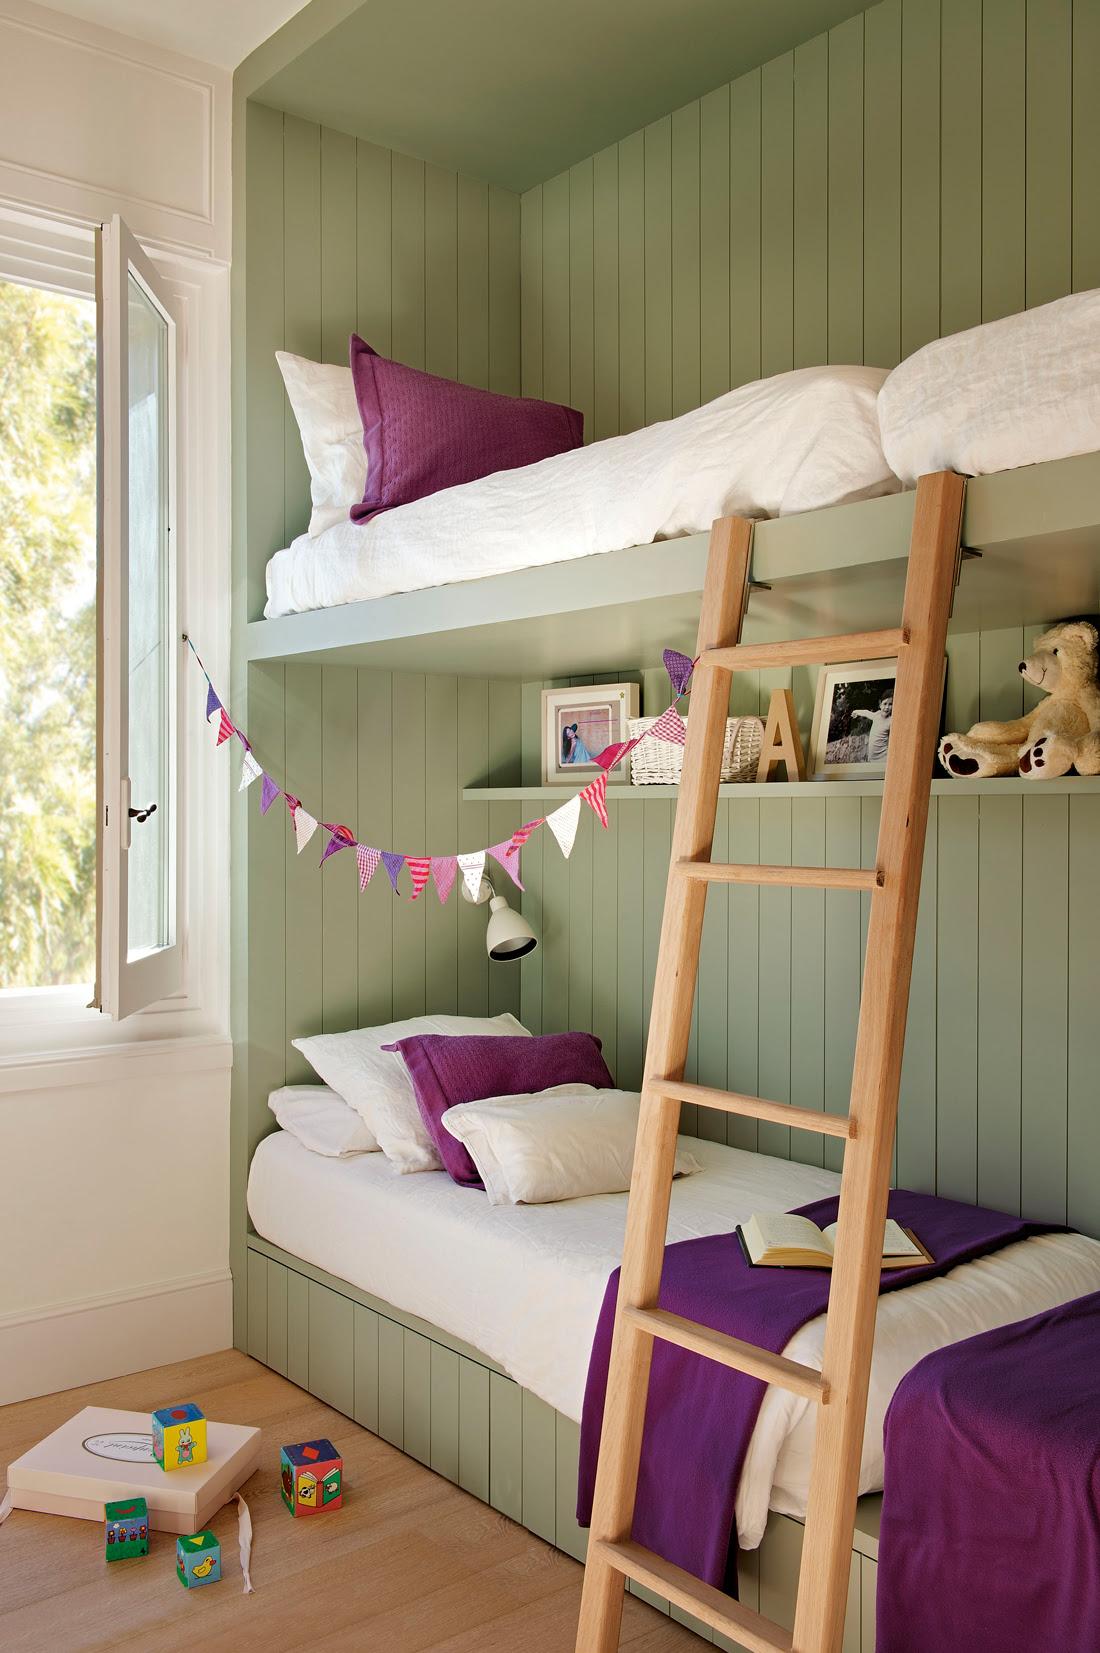 00359561. Habitación infantil con literas. Revestida en madera verde con ropa de cama blanca y violeta 00359561